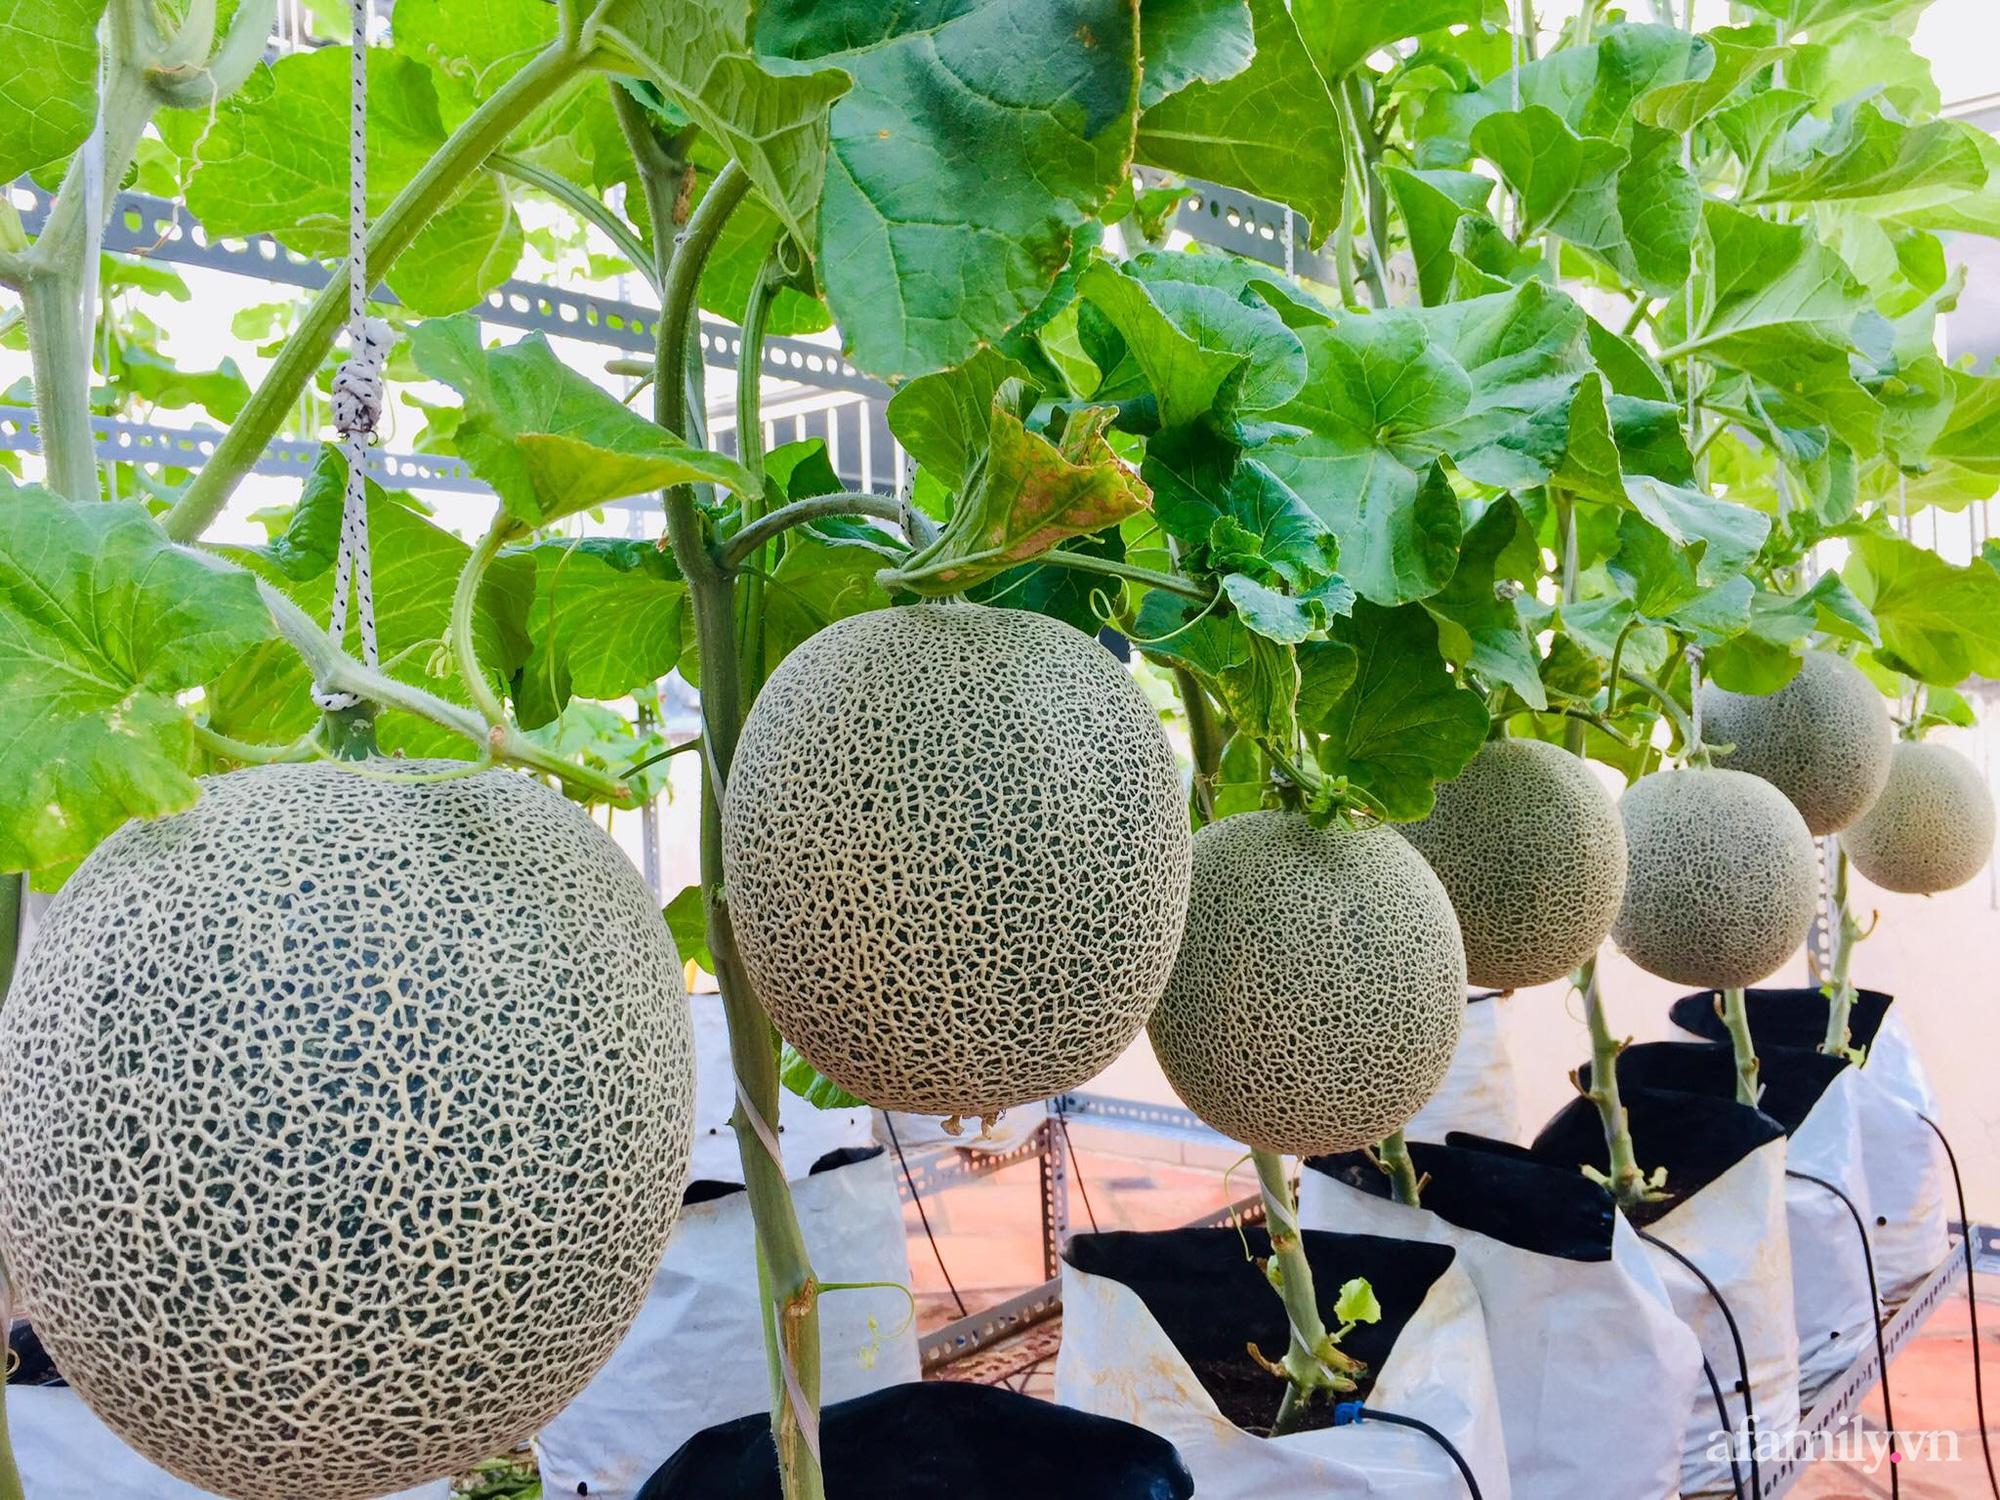 Ghé thăm sân thượng thu hoạch cả tạ dưa đủ loại của người phụ nữ đảm đang ở quận 6, Sài Gòn - Ảnh 10.